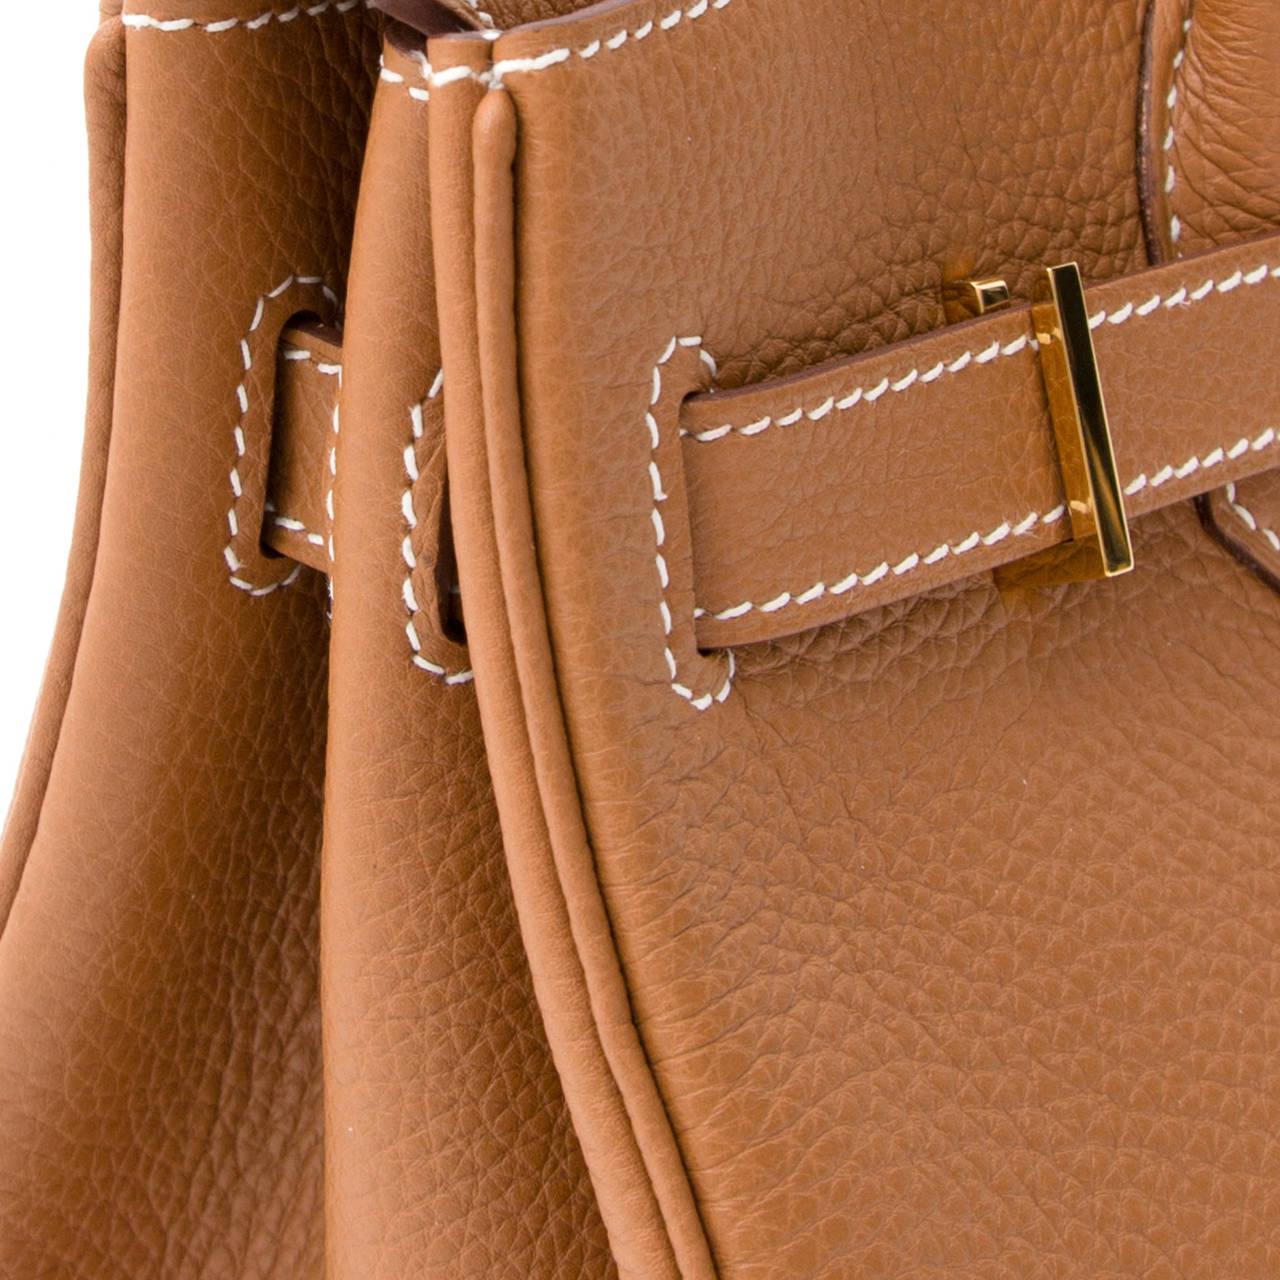 Hermès Birkin Gold Togo 30 GHW 5